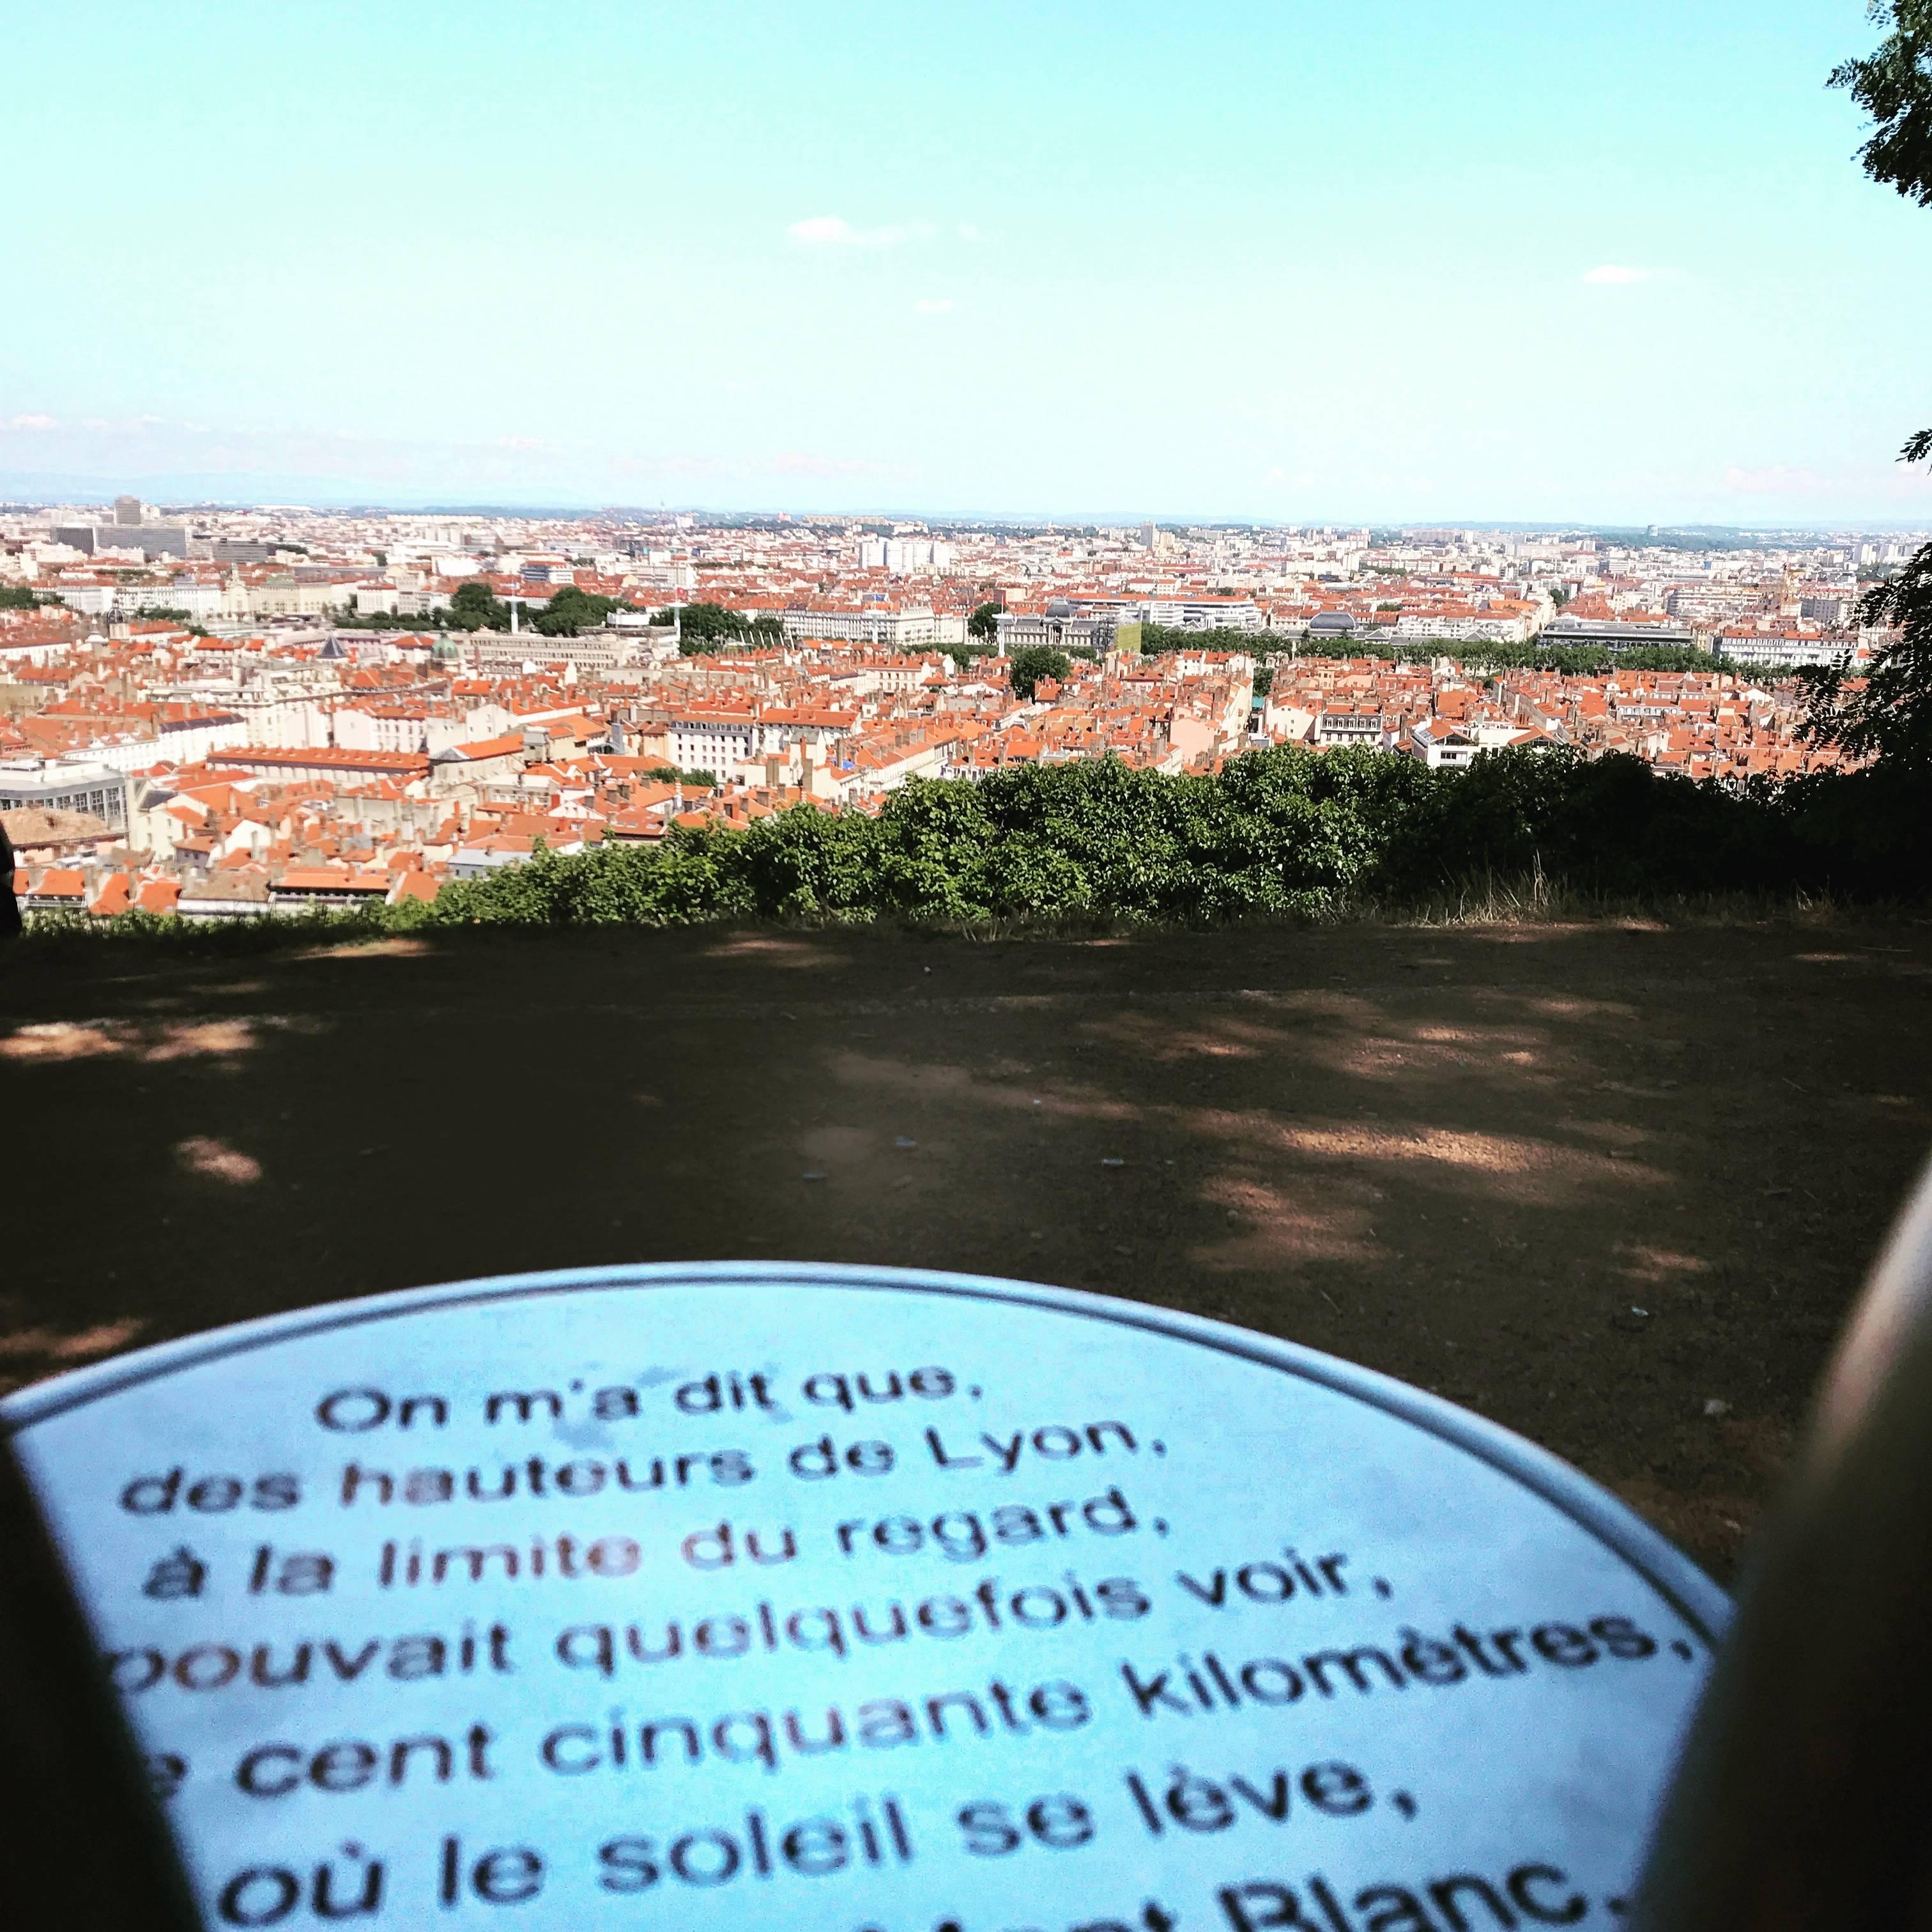 Photo 1: Le jardin des curiosités - une vue sur Lyon